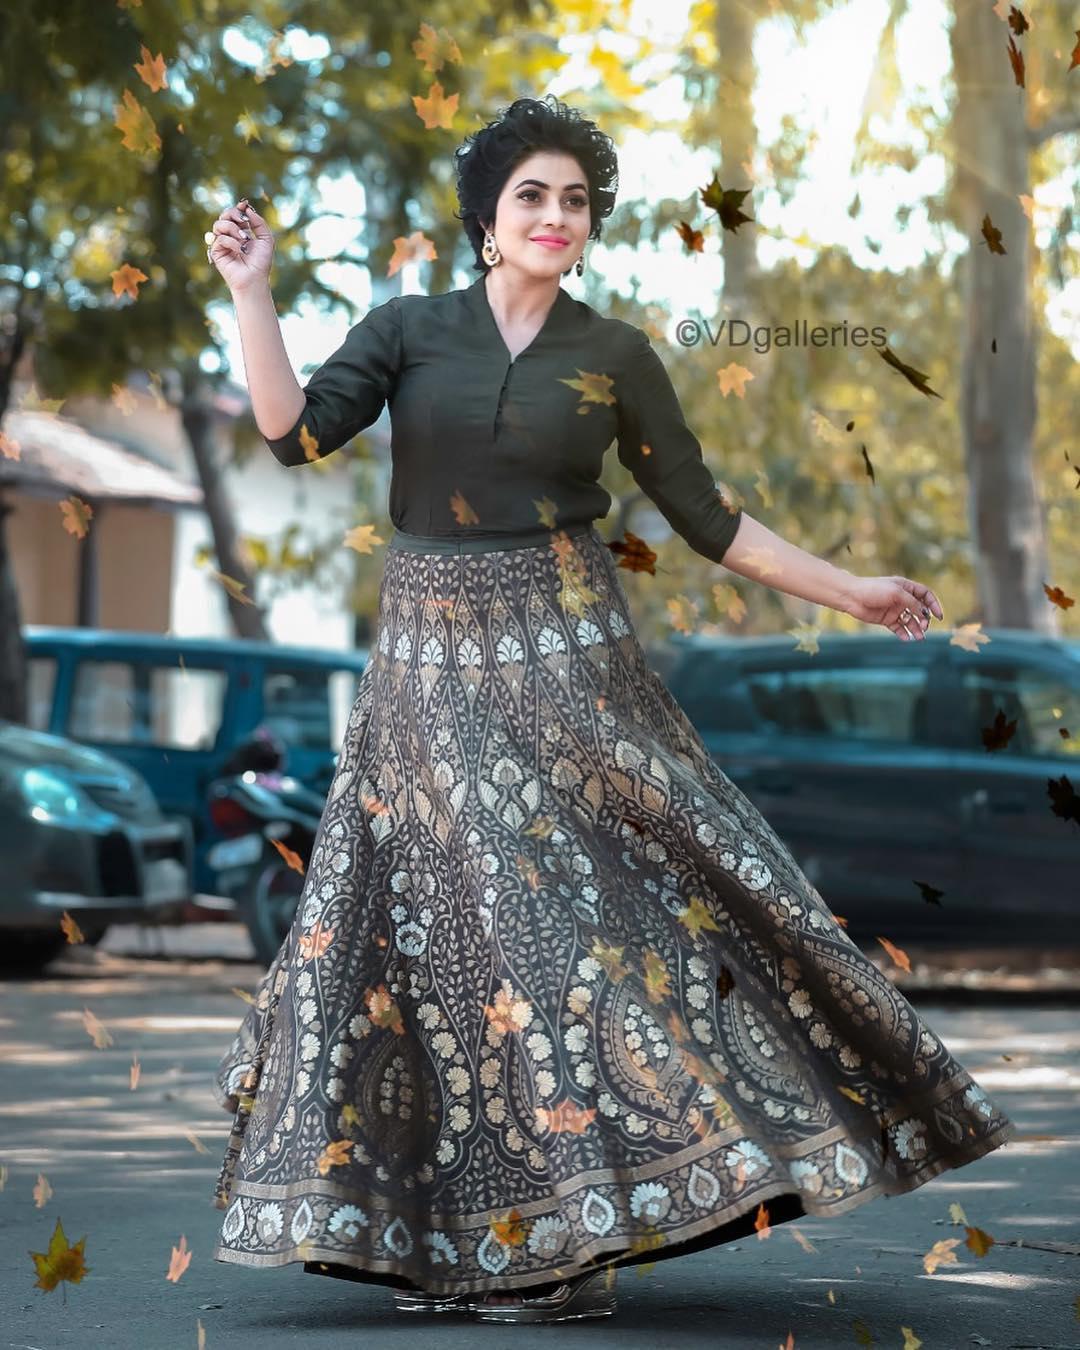 అదరగొడుతోన్న పూర్ణ (షమ్నా ఖాసీం) హాట్ లుక్స్.. Photo: Instagram.com/shamnakasim